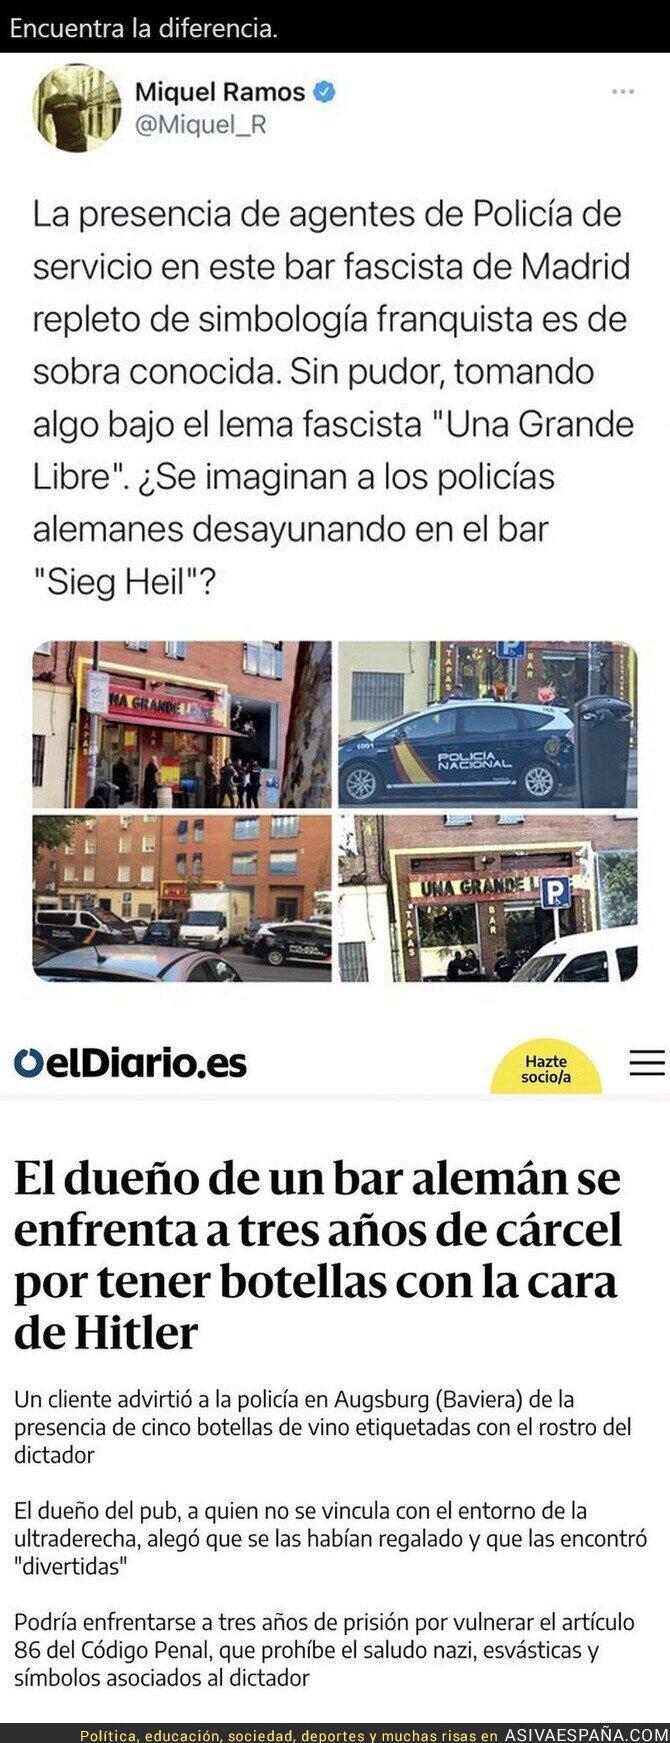 625761 - Grandes diferencias entre Alemania y España cuando en un bar hay simbología fascista